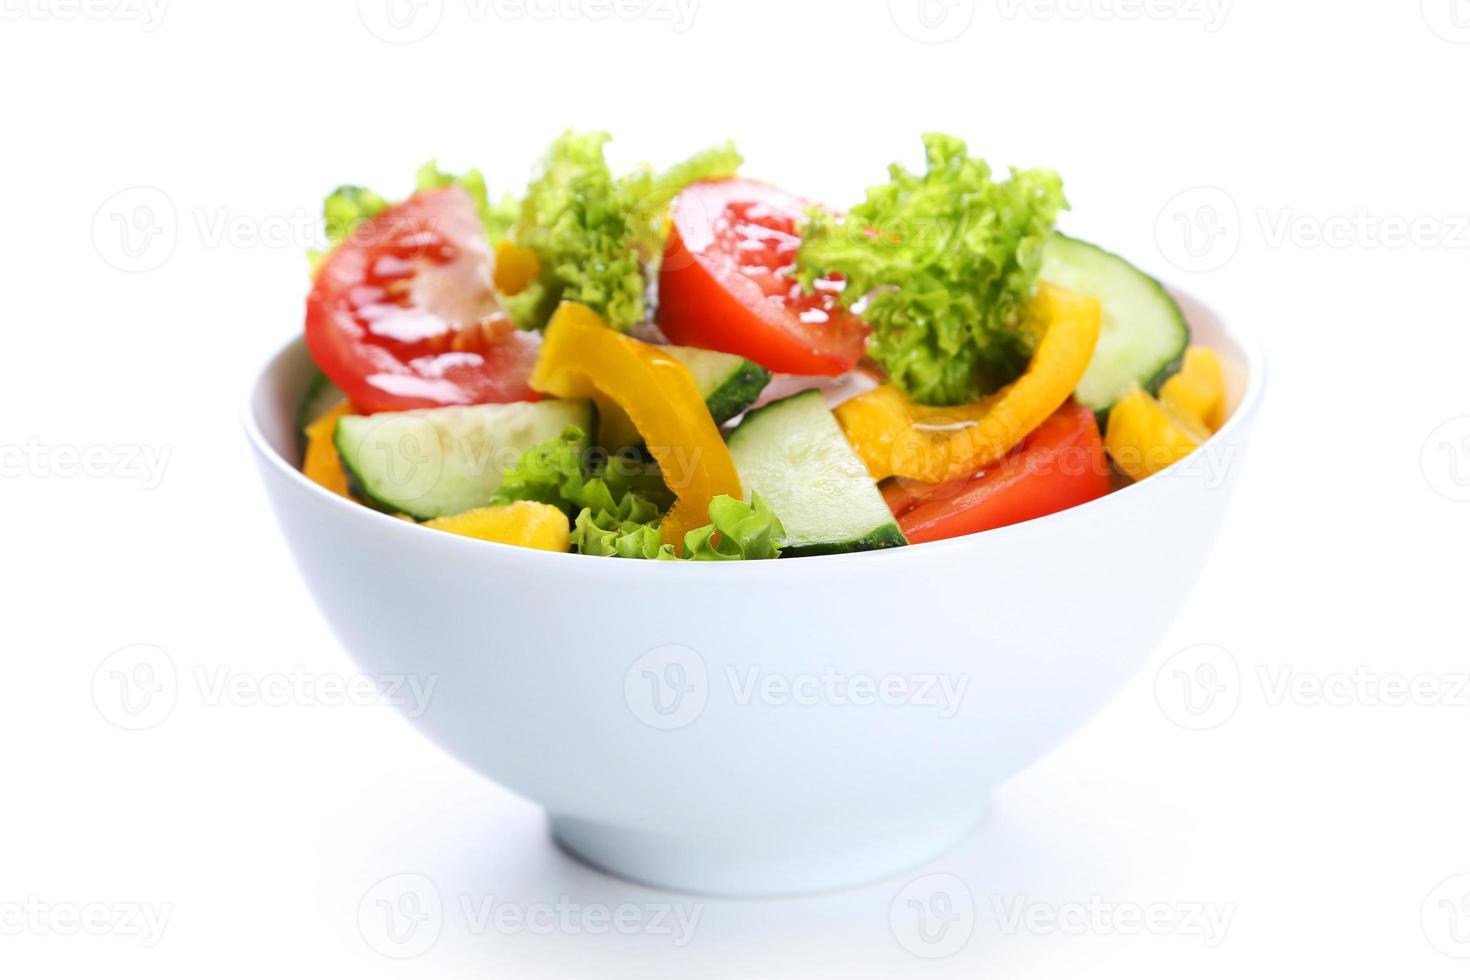 färsk grönsakssallad isolerad på vitt foto